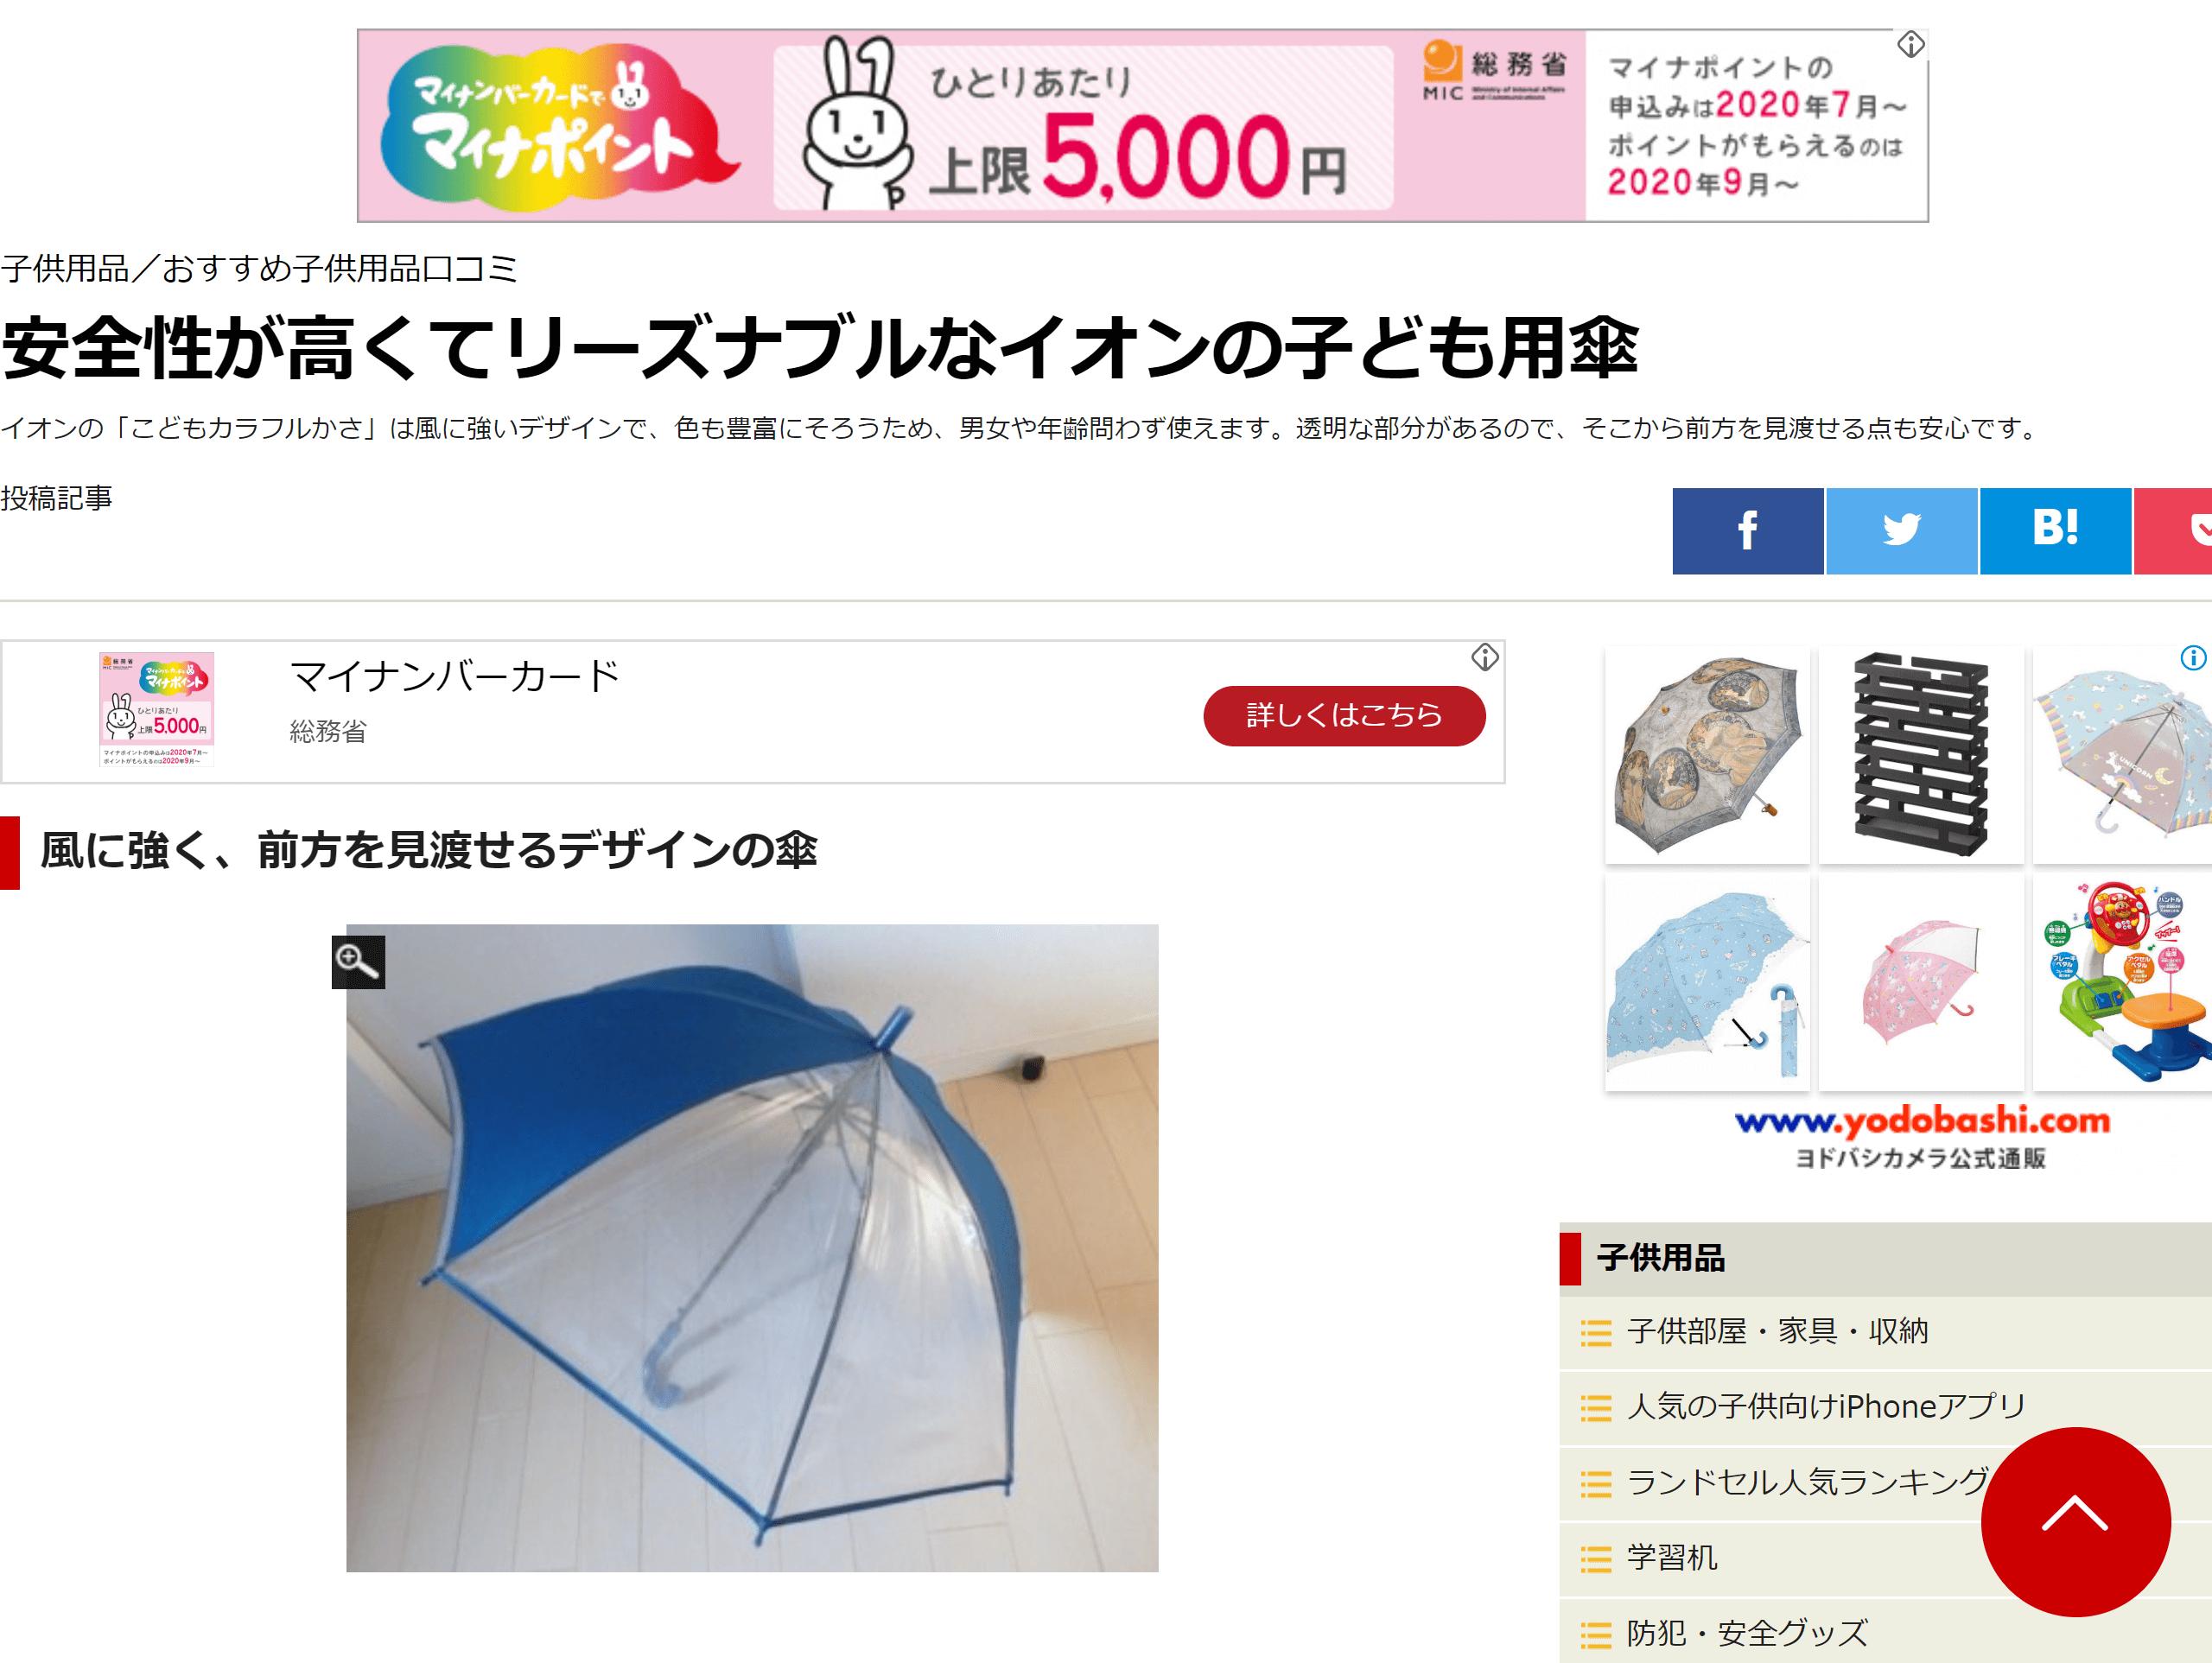 安全性が高くてリーズナブルなイオンの子ども用傘